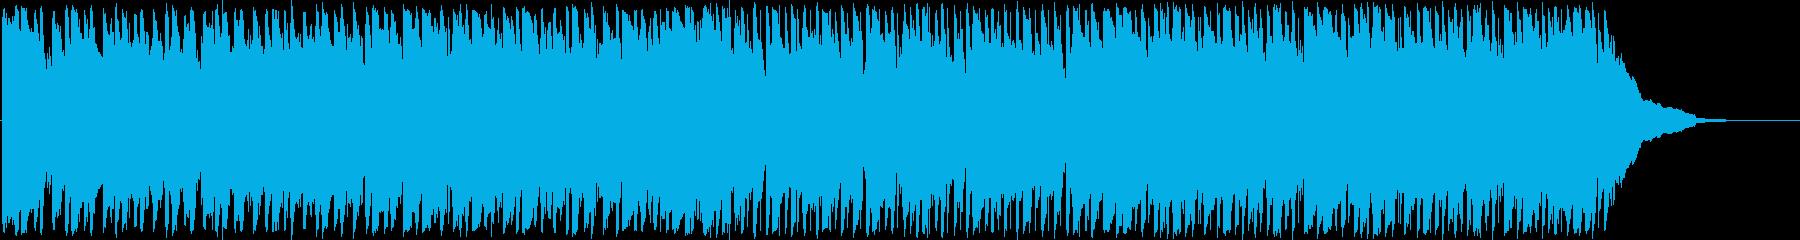 ジャングルで弾むようなムードでポッ...の再生済みの波形